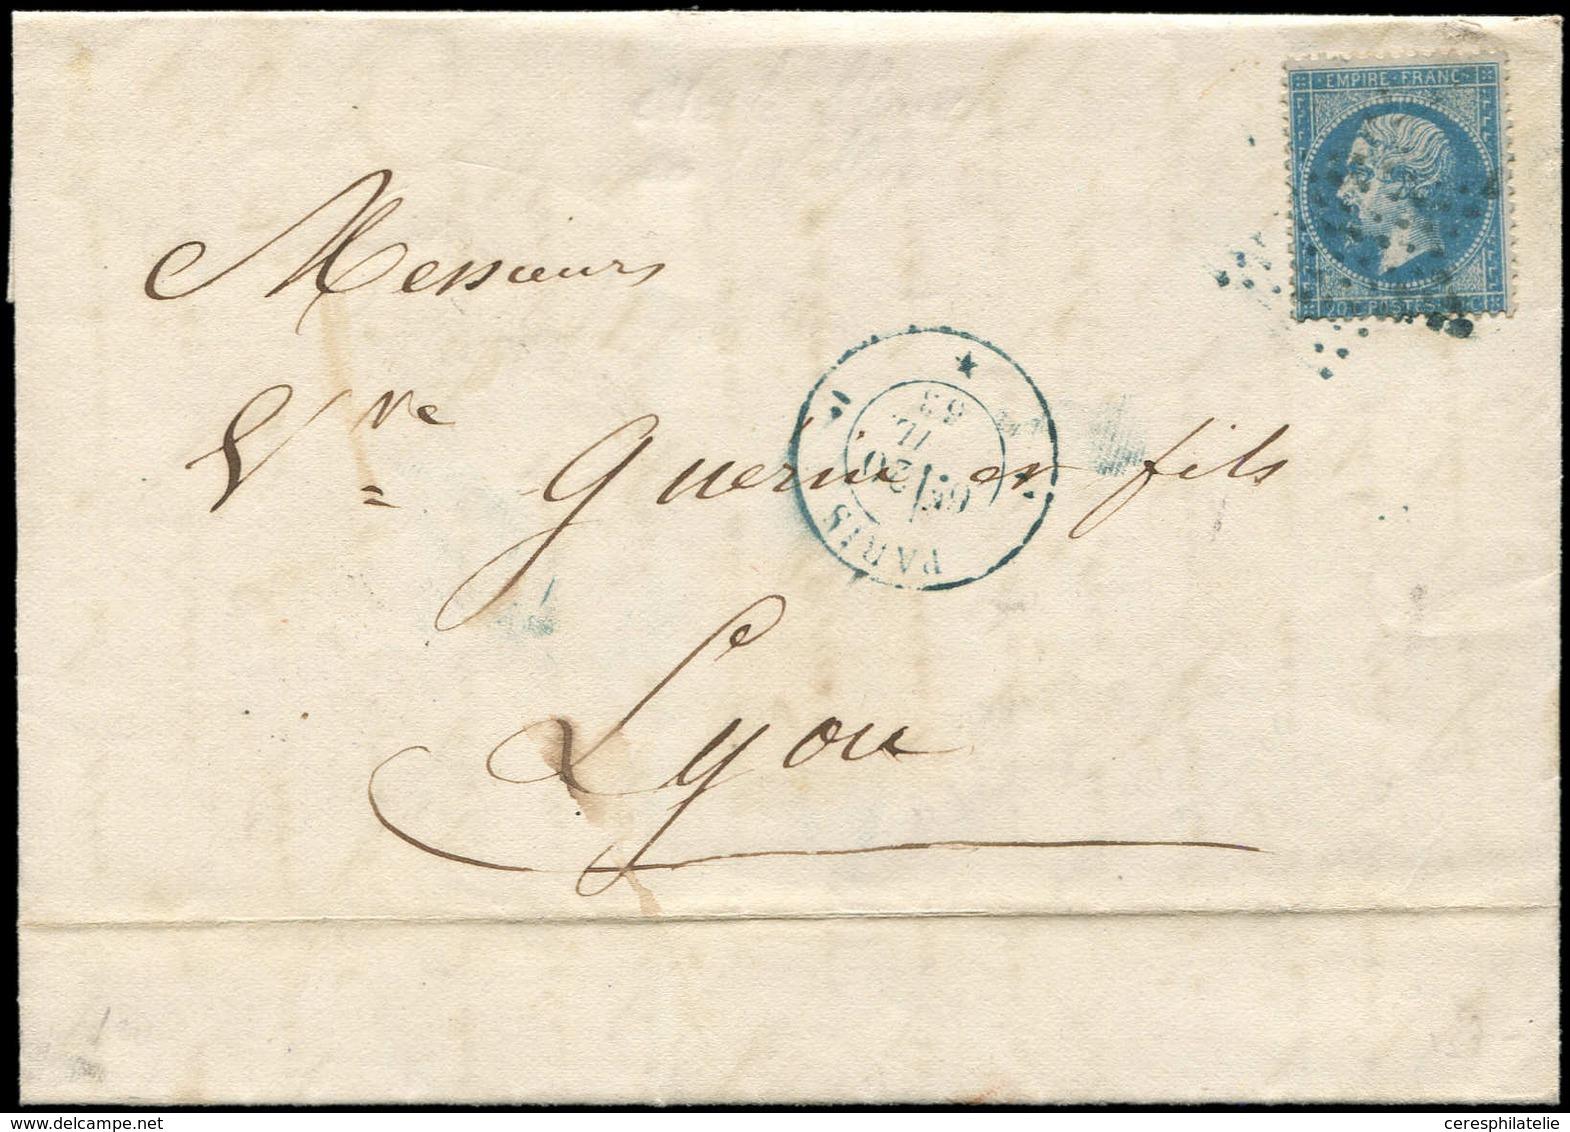 Let EMPIRE DENTELE - 22   20c. Bleu, Obl. Etoile S. LAC, Càd PARIS 20/4/53, Le Tout En BLEU, TB - 1862 Napoléon III